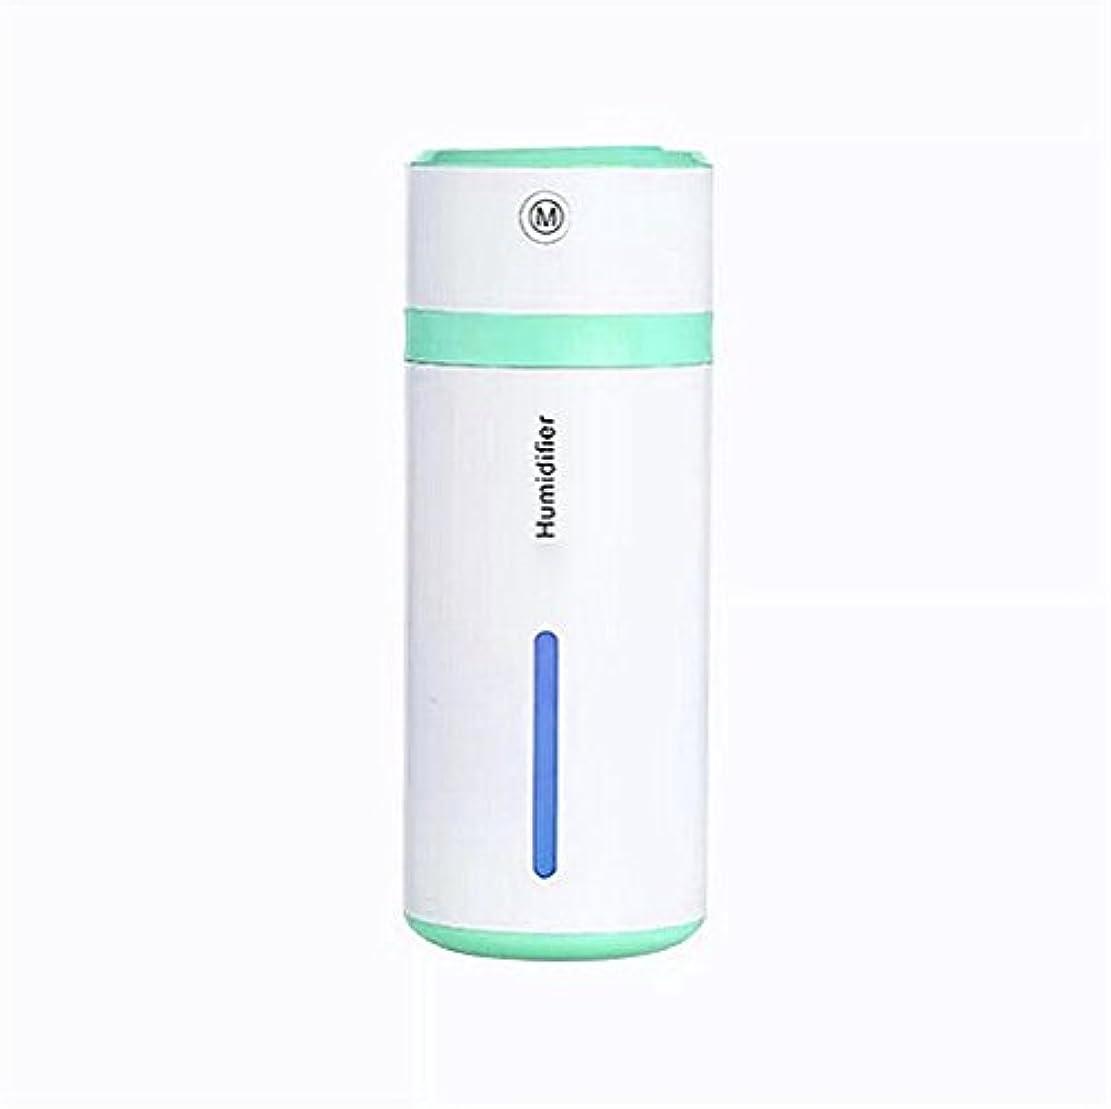 アダルトワーム指令クールミスト超音波加湿器とアロマディフューザー騒音とLEDライト、あなたの家やオフィス用